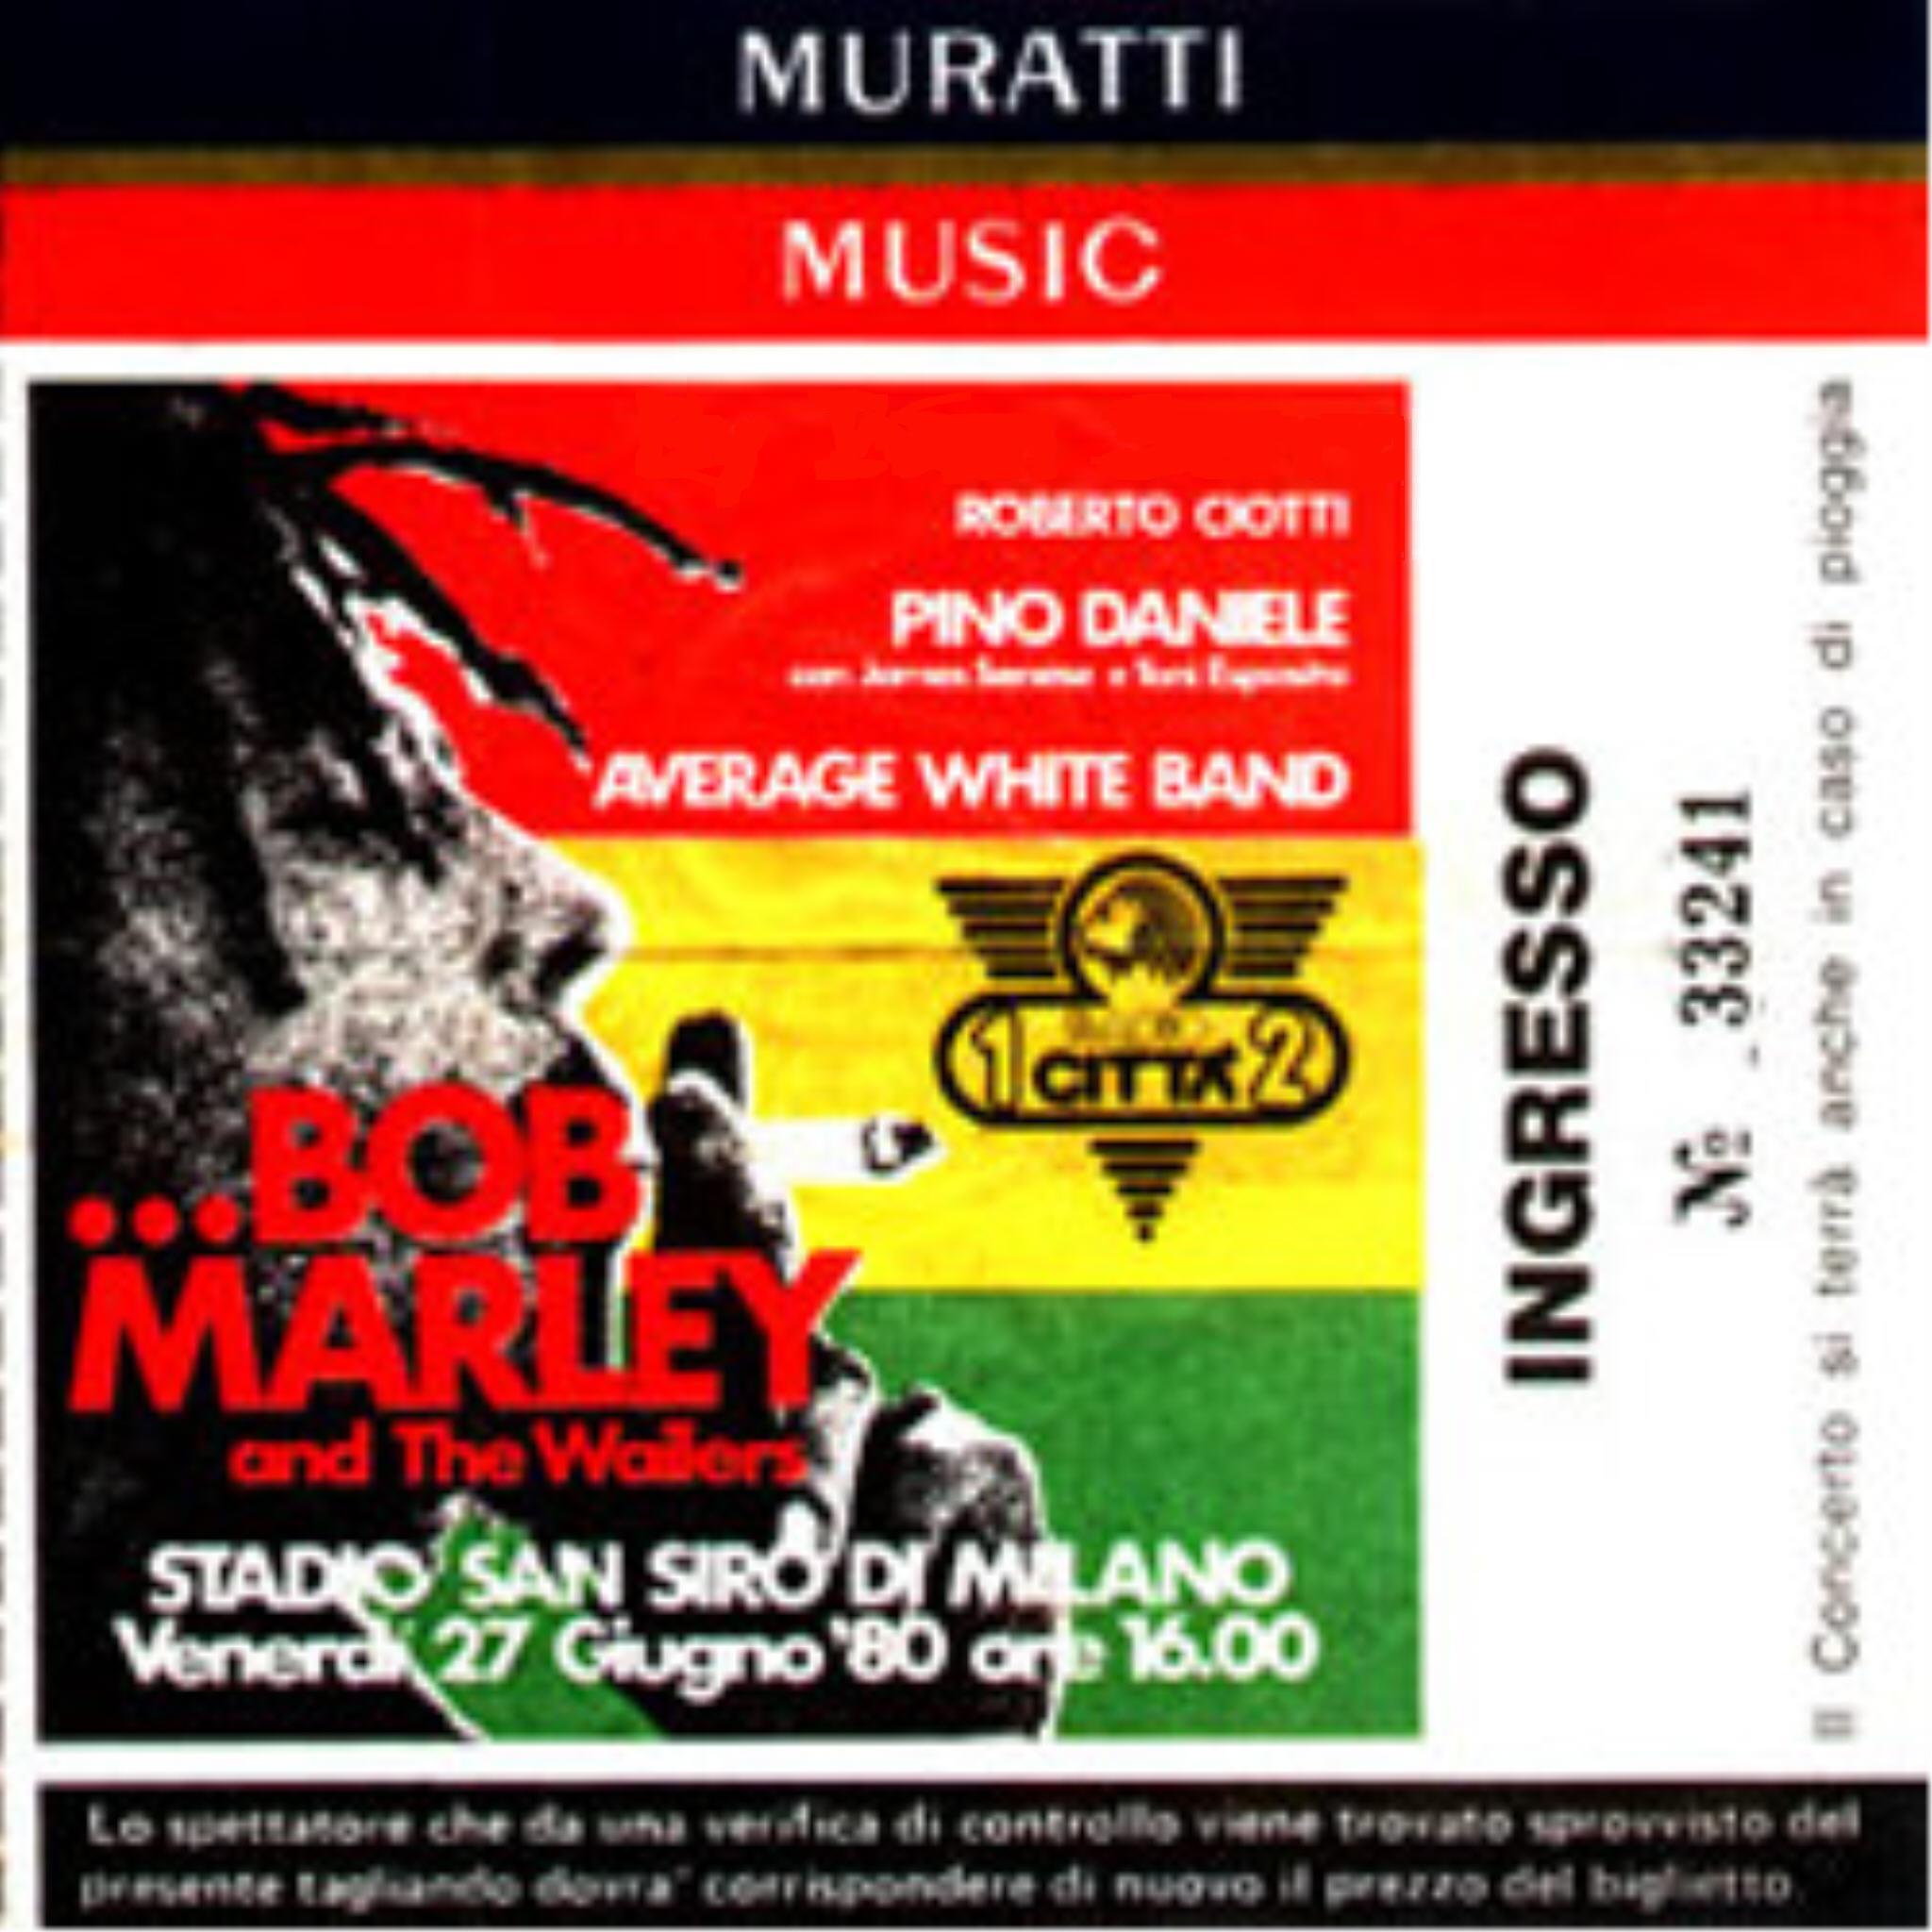 800627__stadio_san_siro_milan_italy_ticket_02.jpg